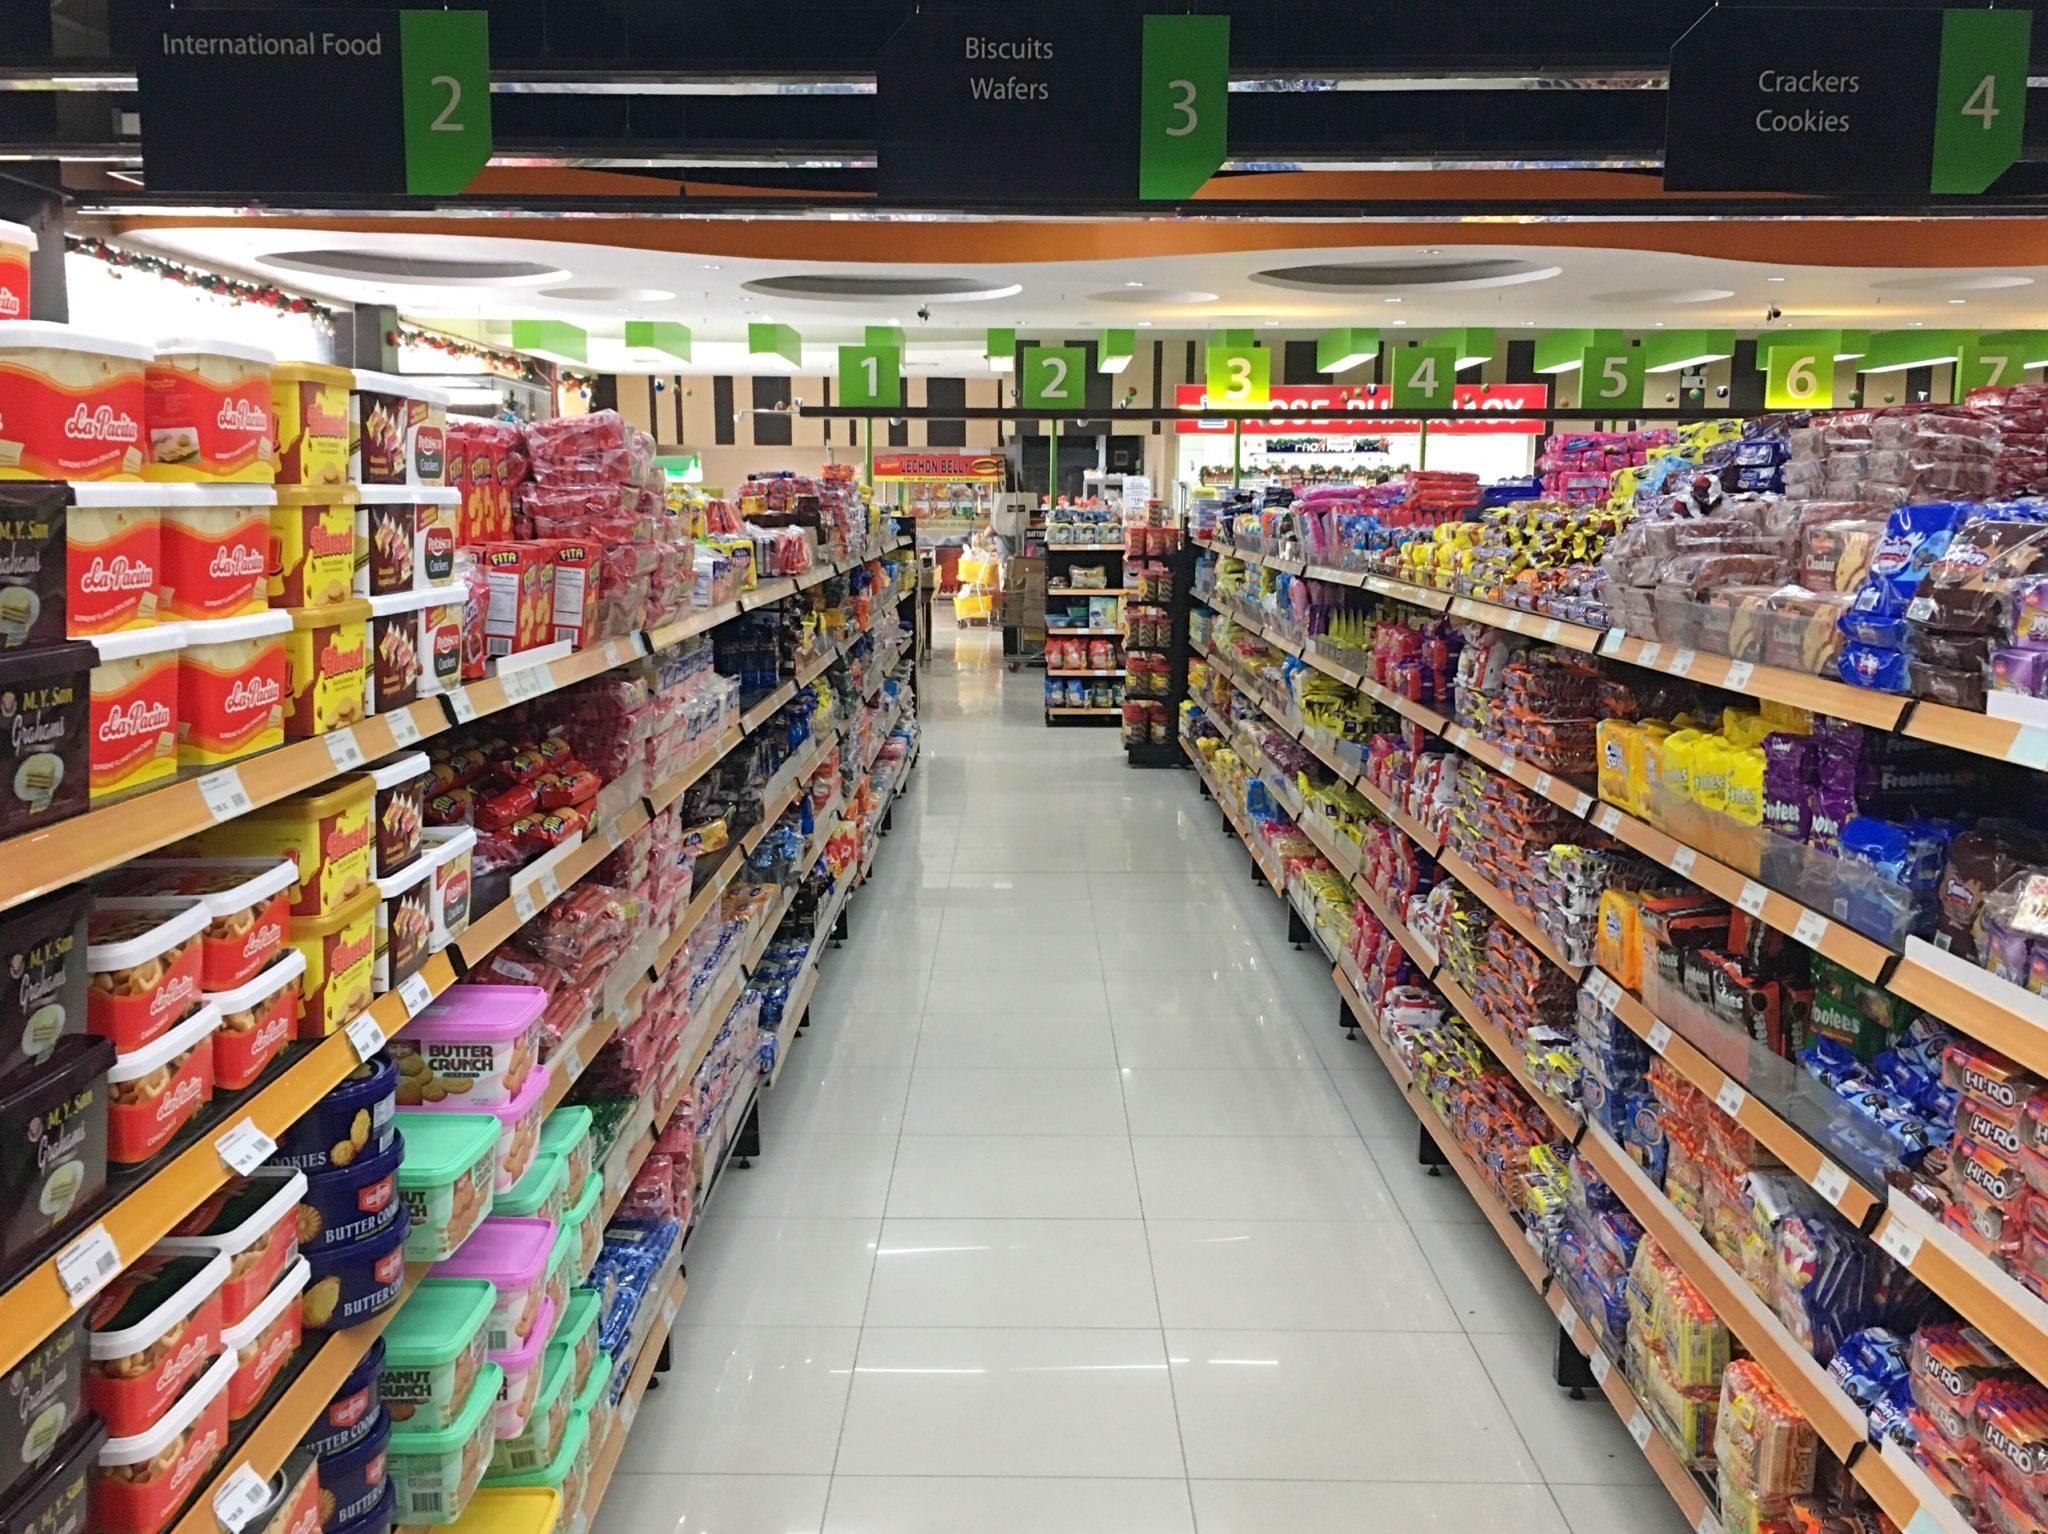 セブ島親子留学のタカハリイングリッシュアカデミー!スーパーマーケットfooda(フーダ)